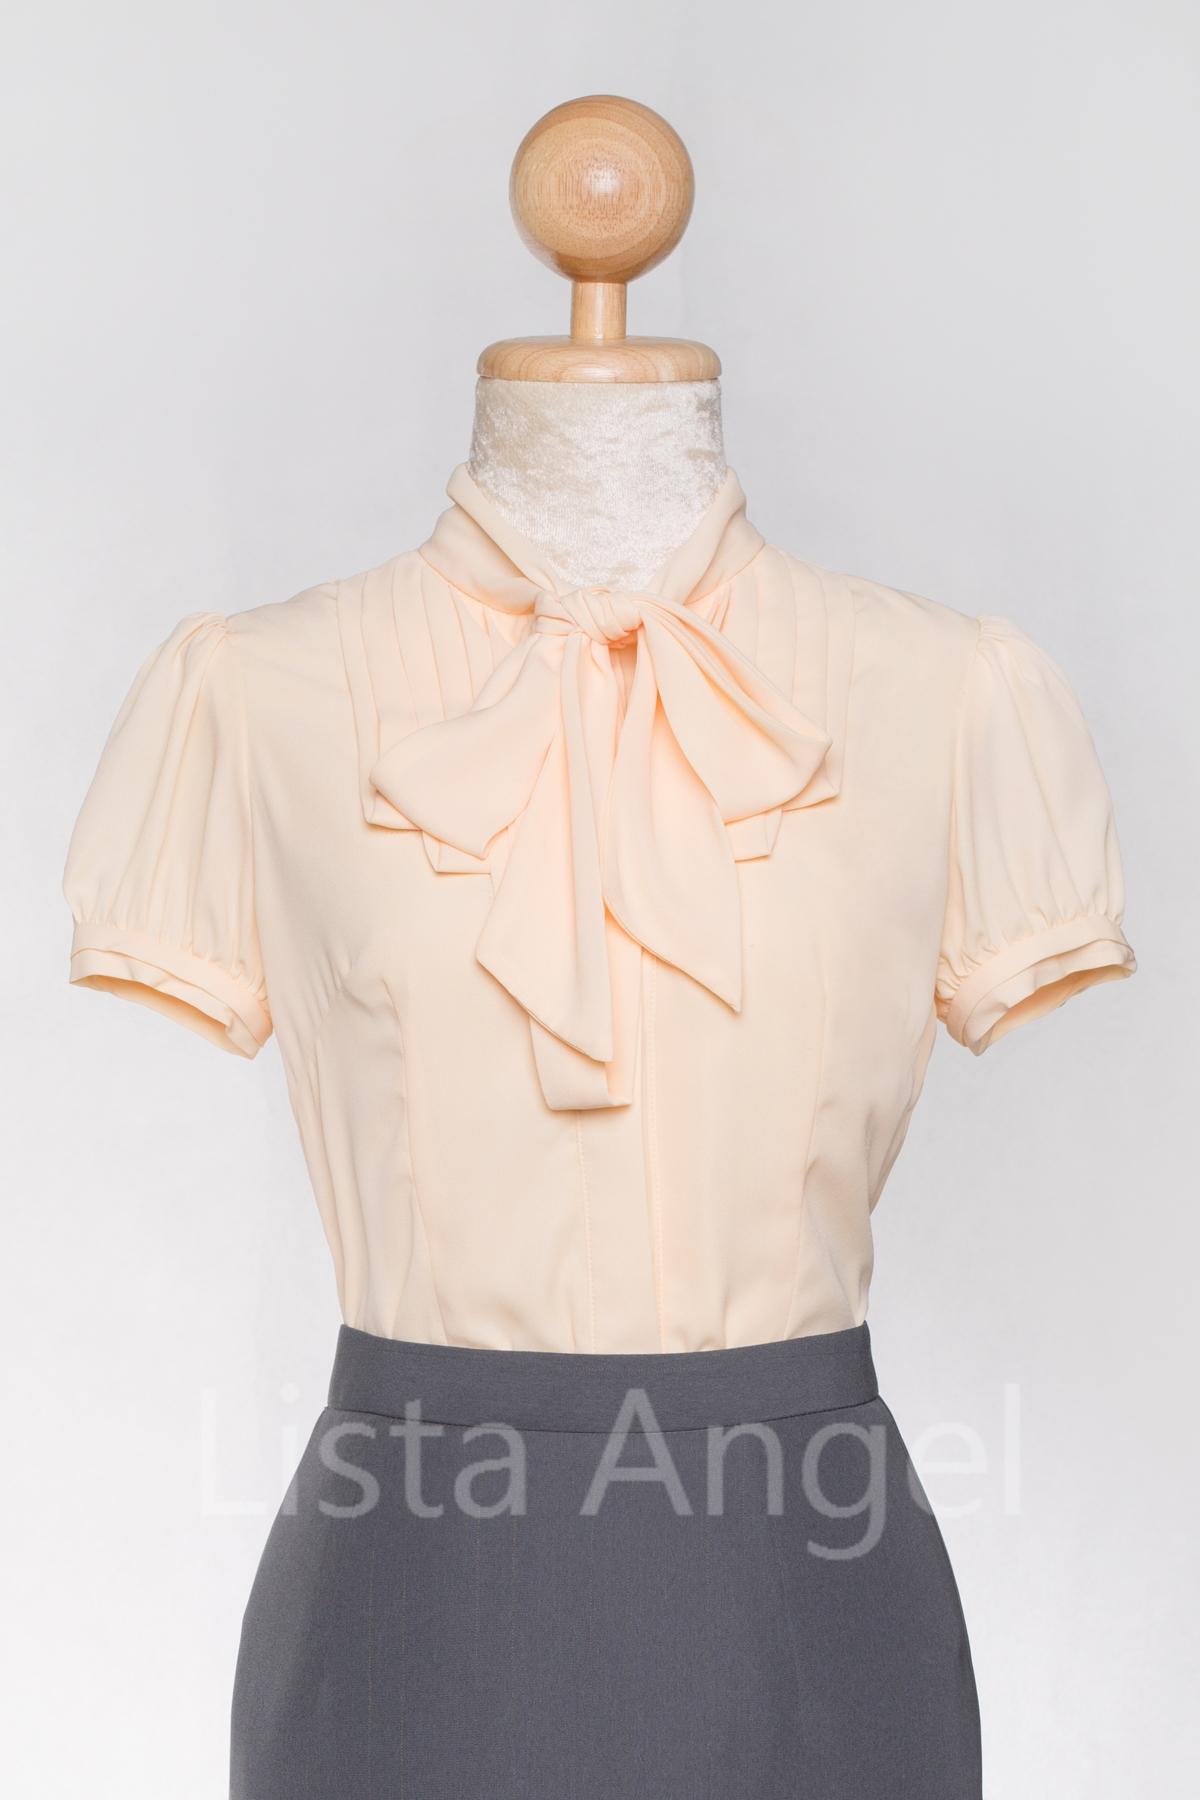 เสื้อสีครีมตีเกร็ด คอผูกโบว์แขนสั้น